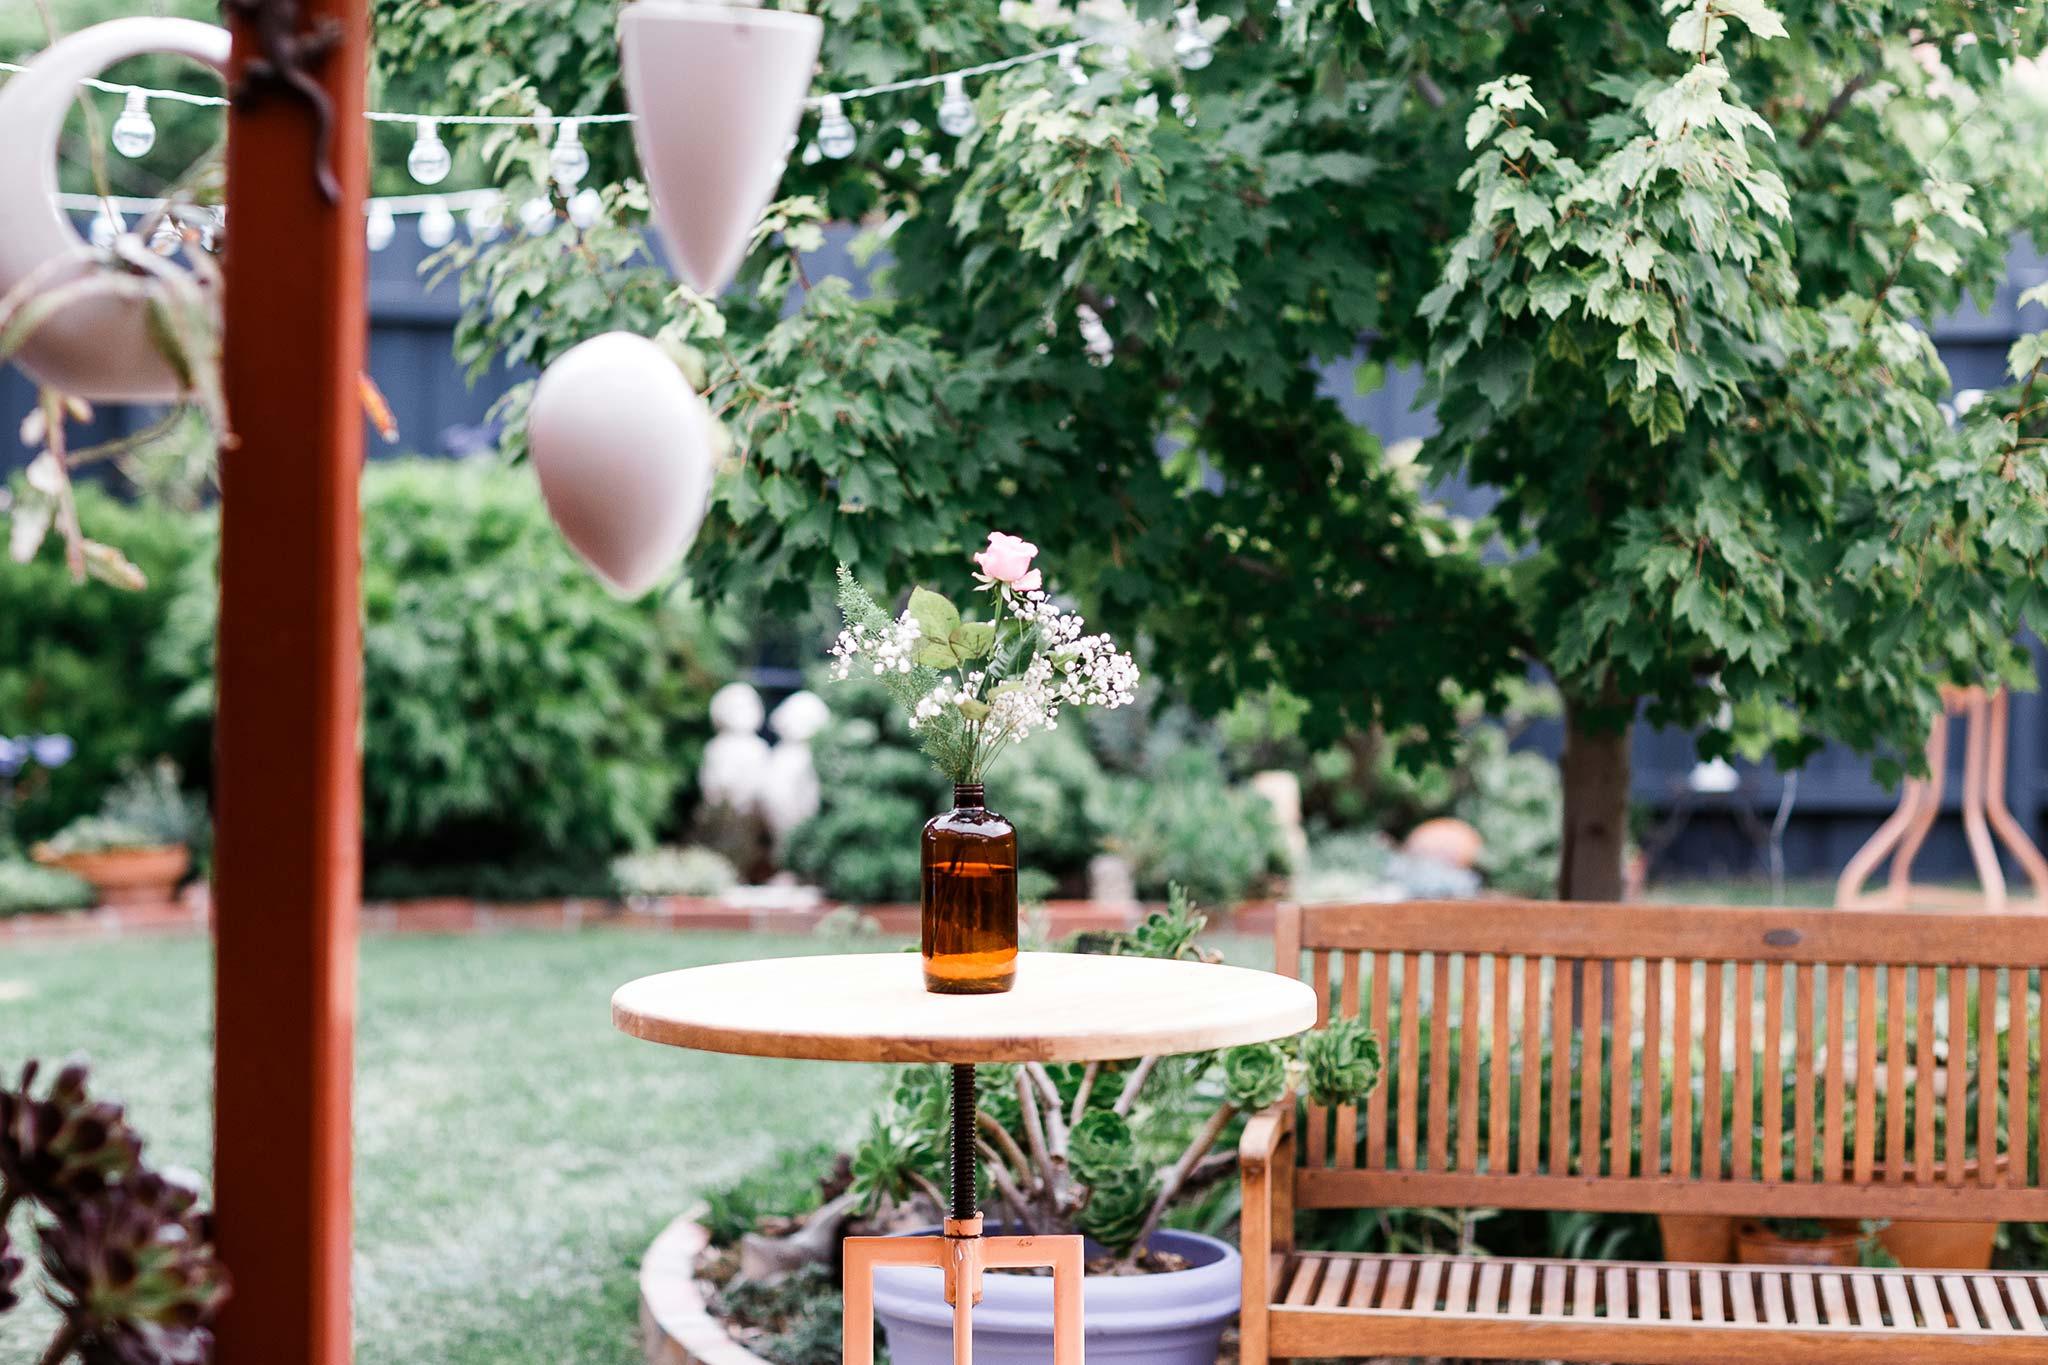 Strathmore-Melbourne-Backyard-Wedding-garden-jar